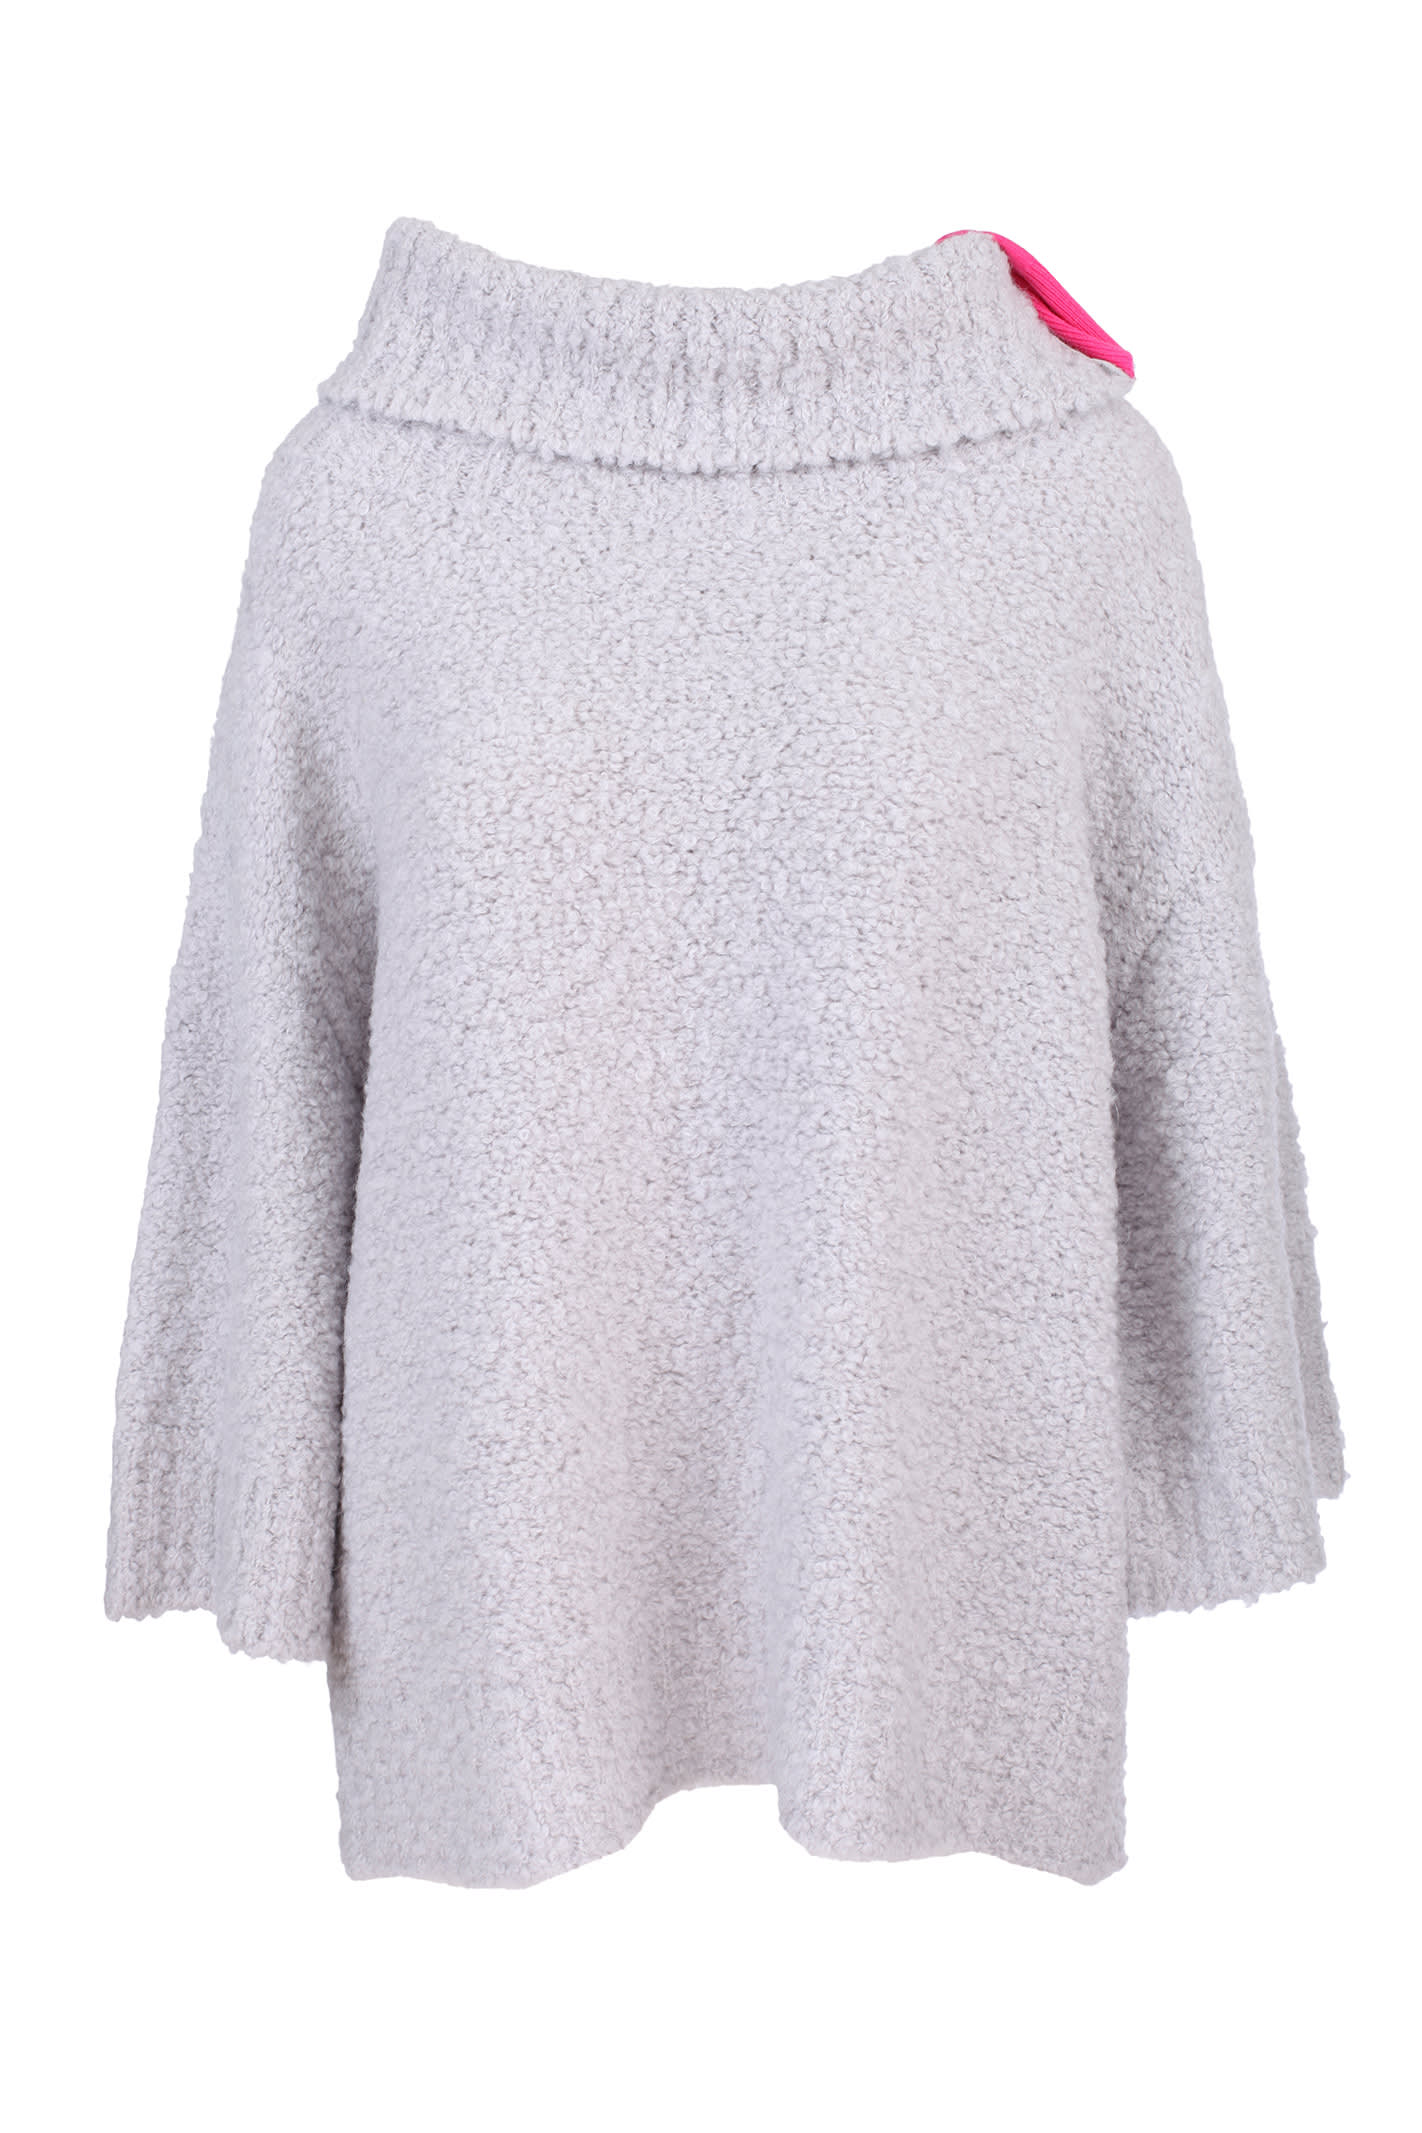 Fabiana Filippi hood knit